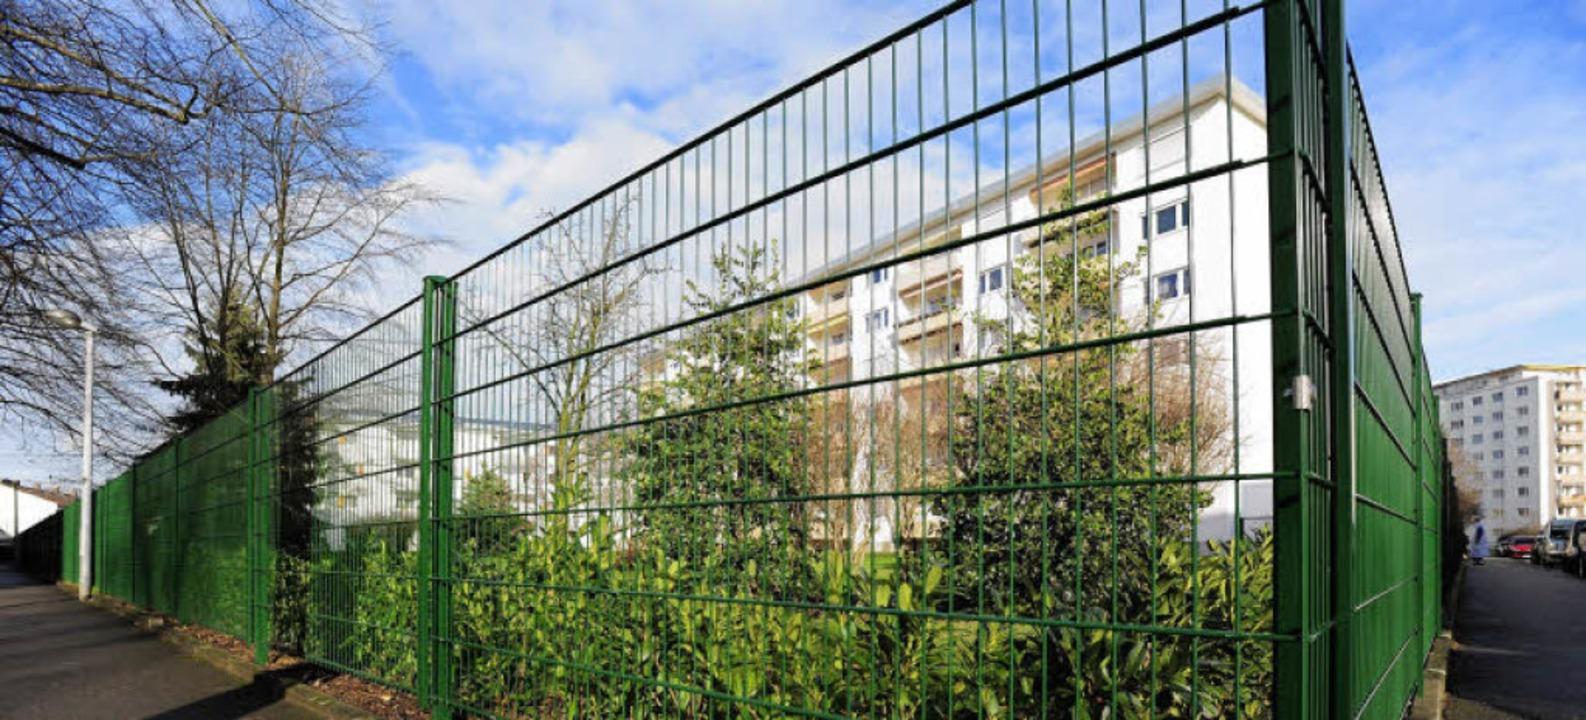 Eingezäunt ist neuerdings die Wiese hi...dem Wohnkomplex Thannhauserstaße 8-12.  | Foto: Ingo Schneider